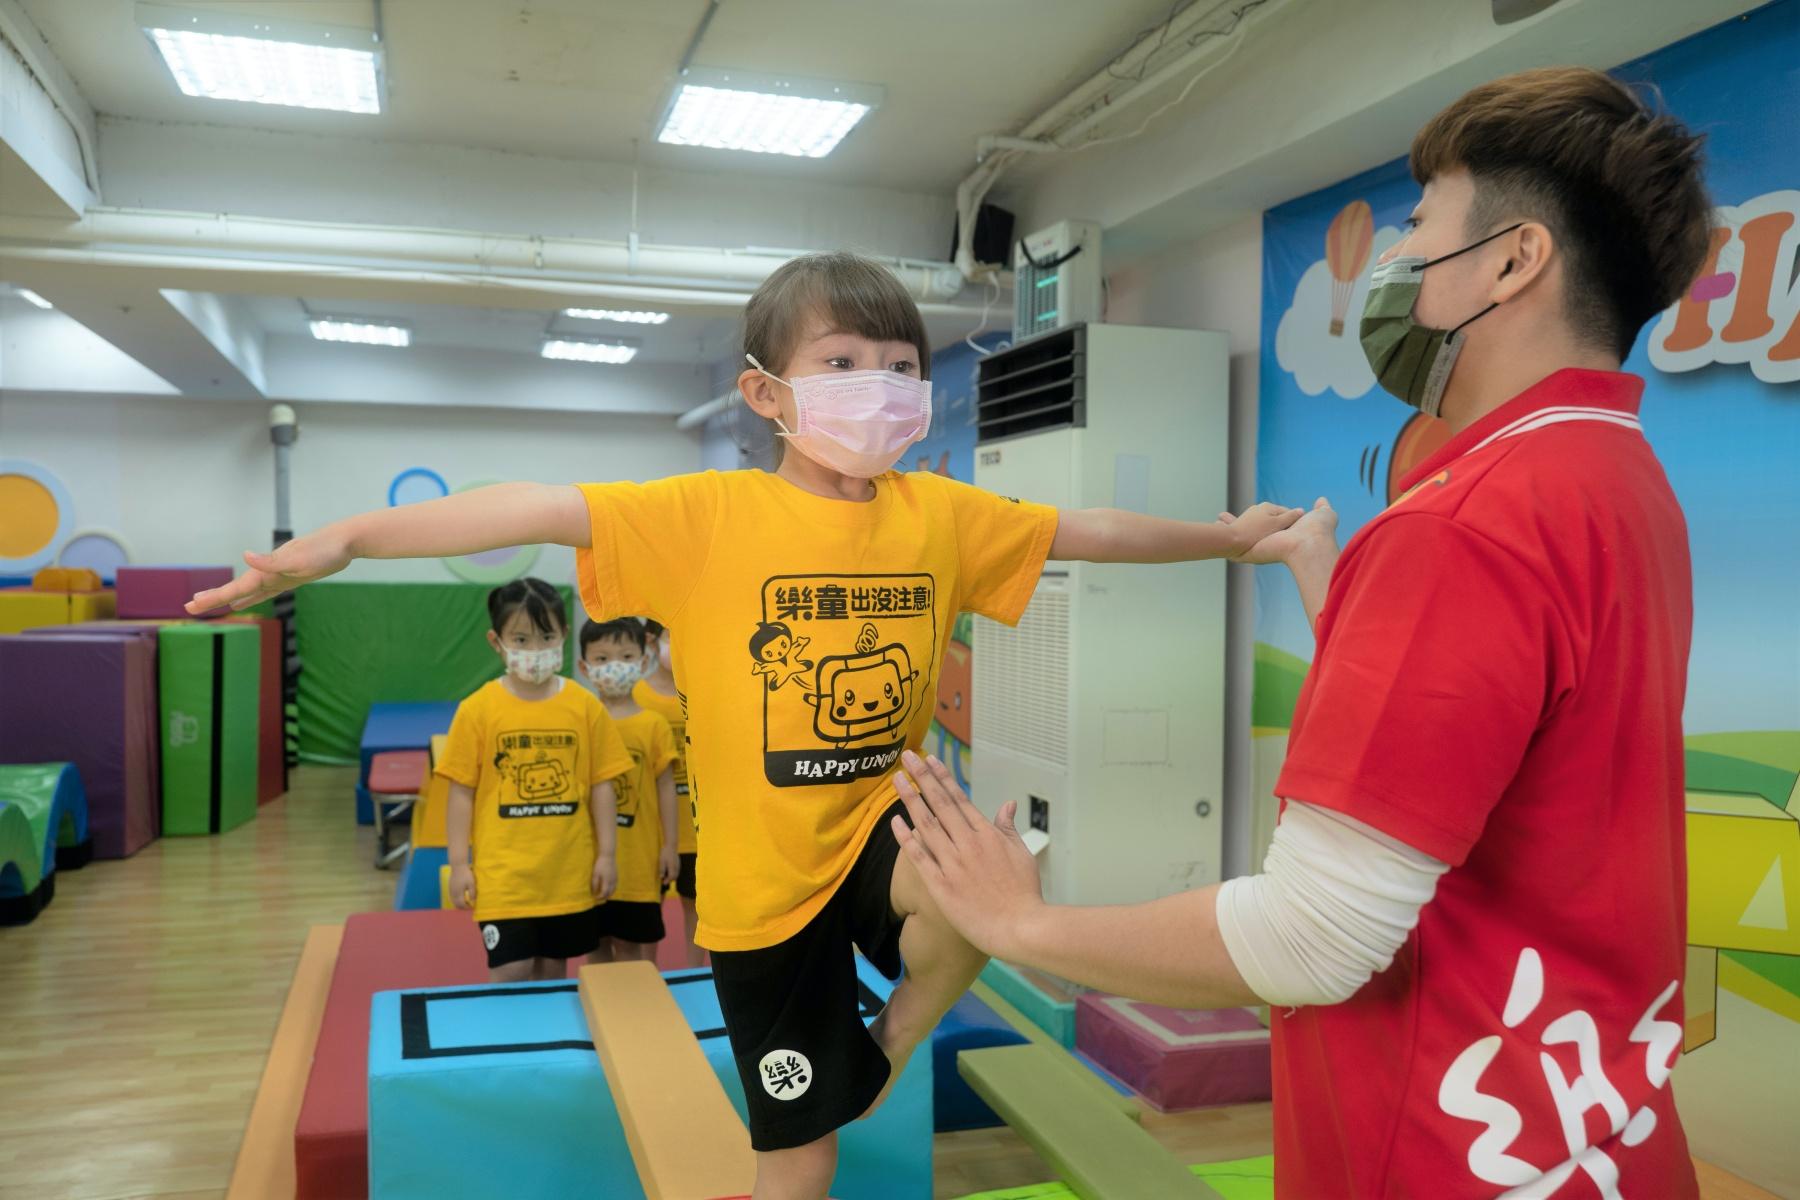 【樂童體操聯盟評價】50分鐘課程玩出孩子潛在力!可愛體操服萌翻全場